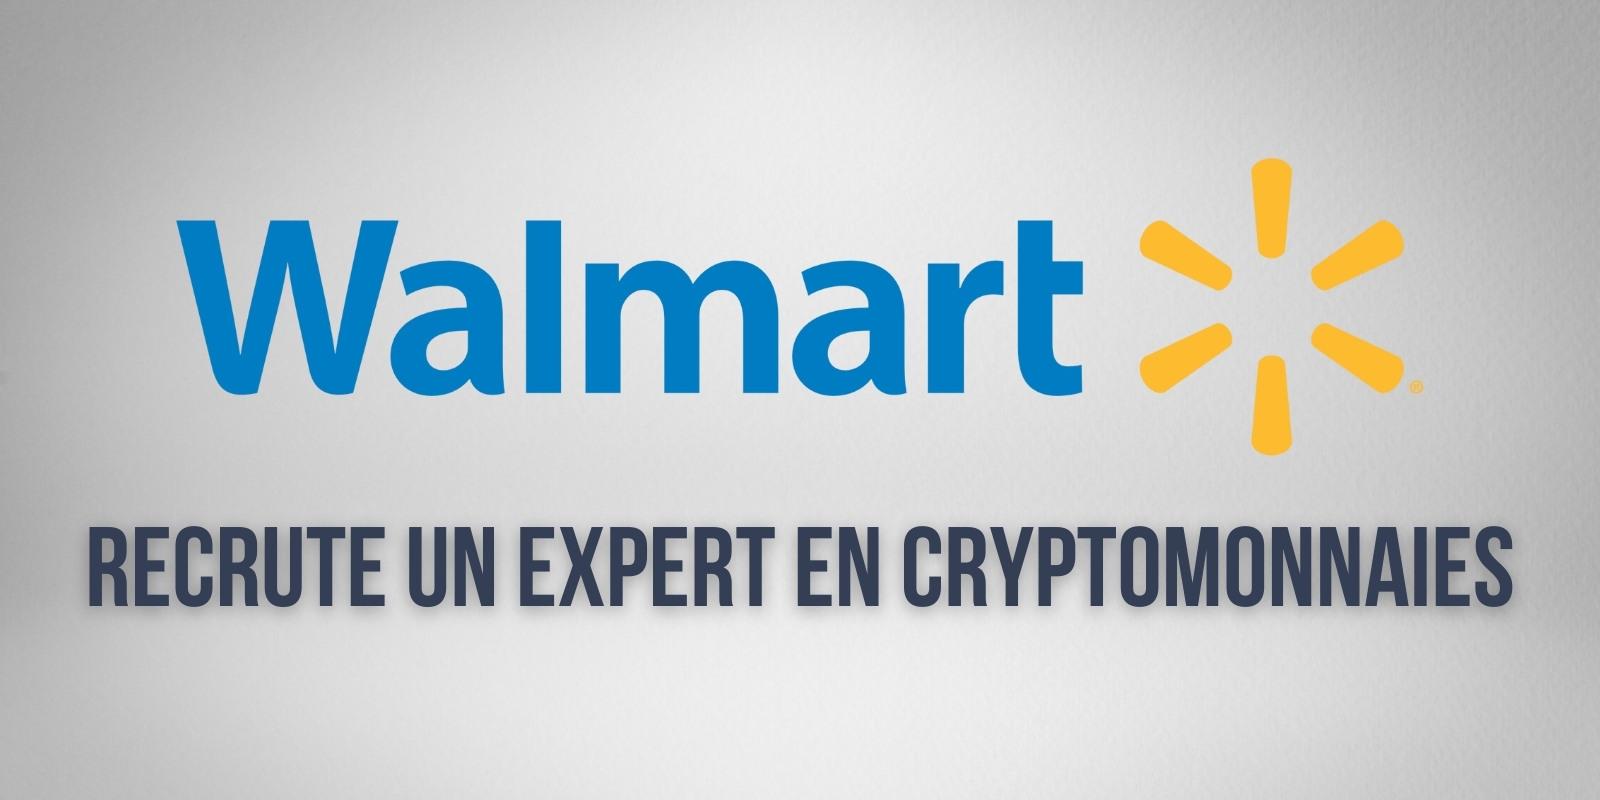 Le géant de la grande distribution Walmart recherche un expert en cryptomonnaies